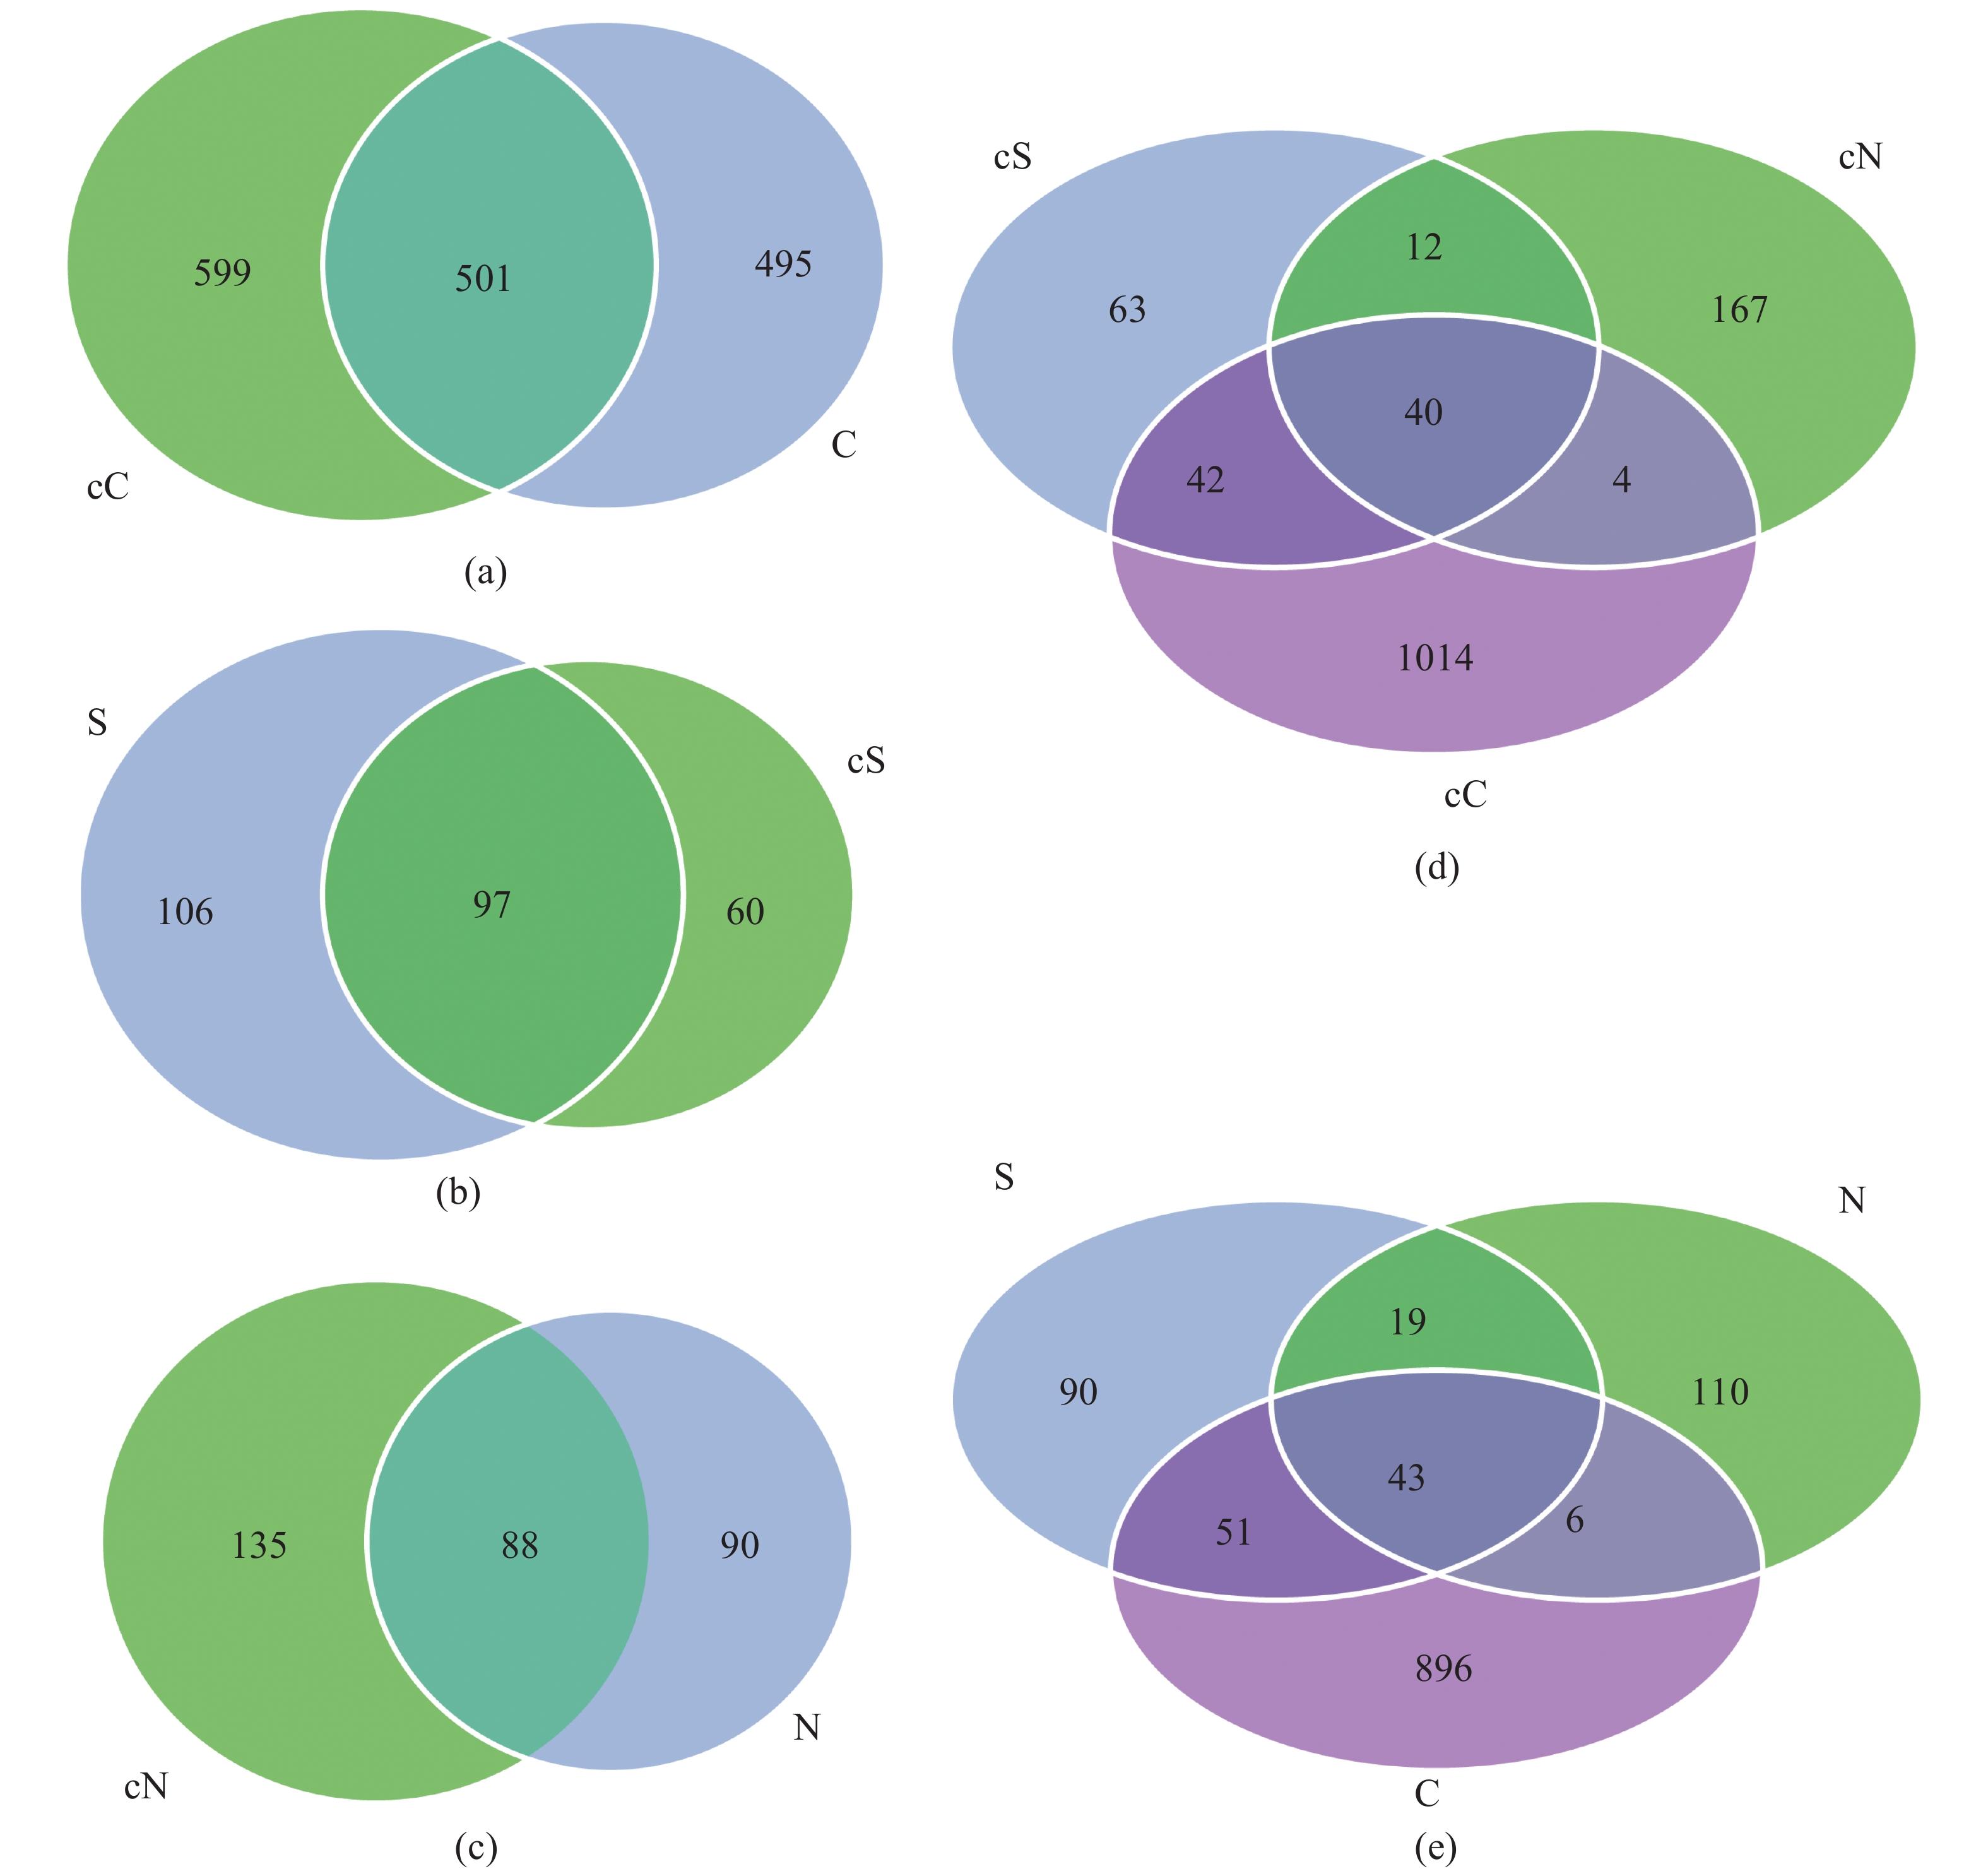 测序结果显示,底泥样本的OTU数>水体样本的OTU数>肠道内容物样本的OTU数,说明底泥微生物的丰富度最高(表1)。比较样品的多样性指数可知,发病池塘水体(S组)的Chao1值、ACE值和Shannon指数均大于健康池塘水体(cS组),Simpson指数则小于cS组,而在底泥和肠道内容物微生物样本中正好相反,说明无乳链球菌病暴发后尼罗罗非鱼肠道和池塘底泥中的微生物多样性降低,而水体中微生物多样性升高(表1)。将样品中的OTUs按相对丰度由大到小排序得到对应的排序编号,再以OTUs的排序编号及其